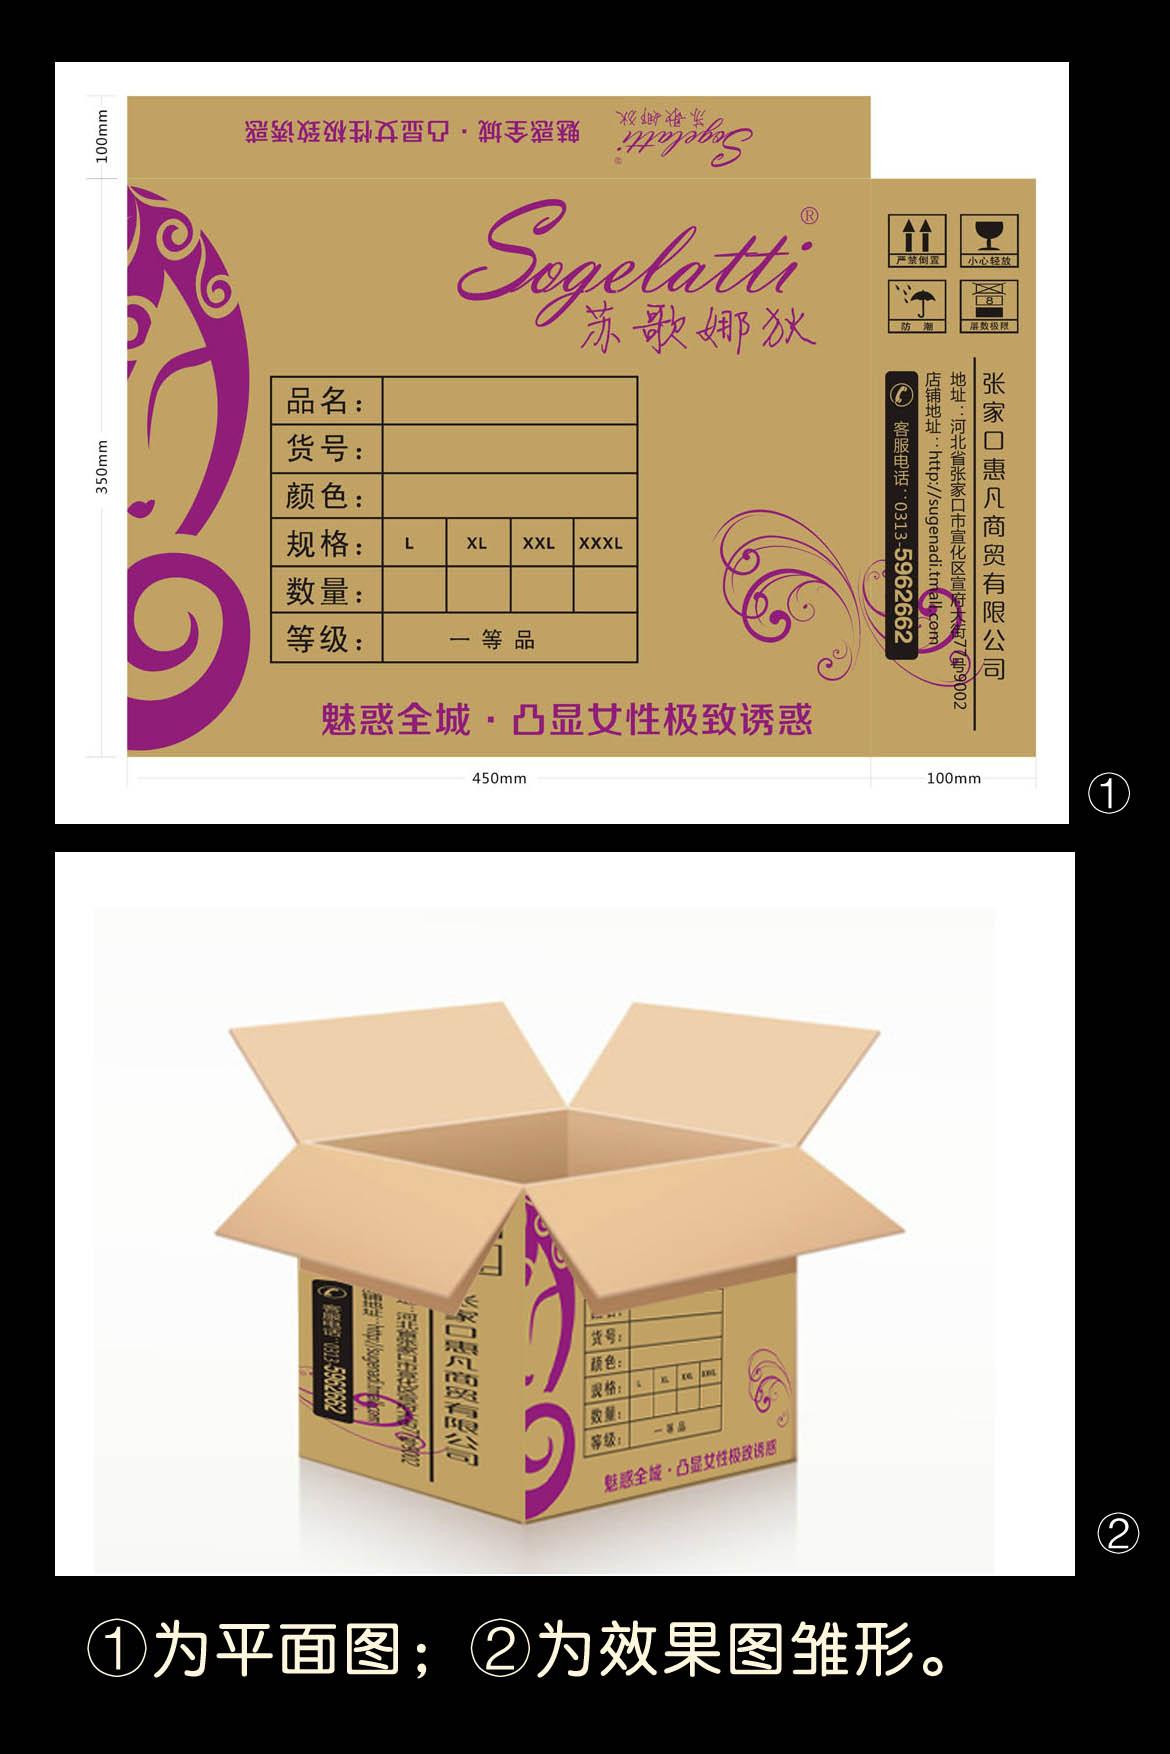 瓦楞纸包装盒简单设计(淘宝发货)